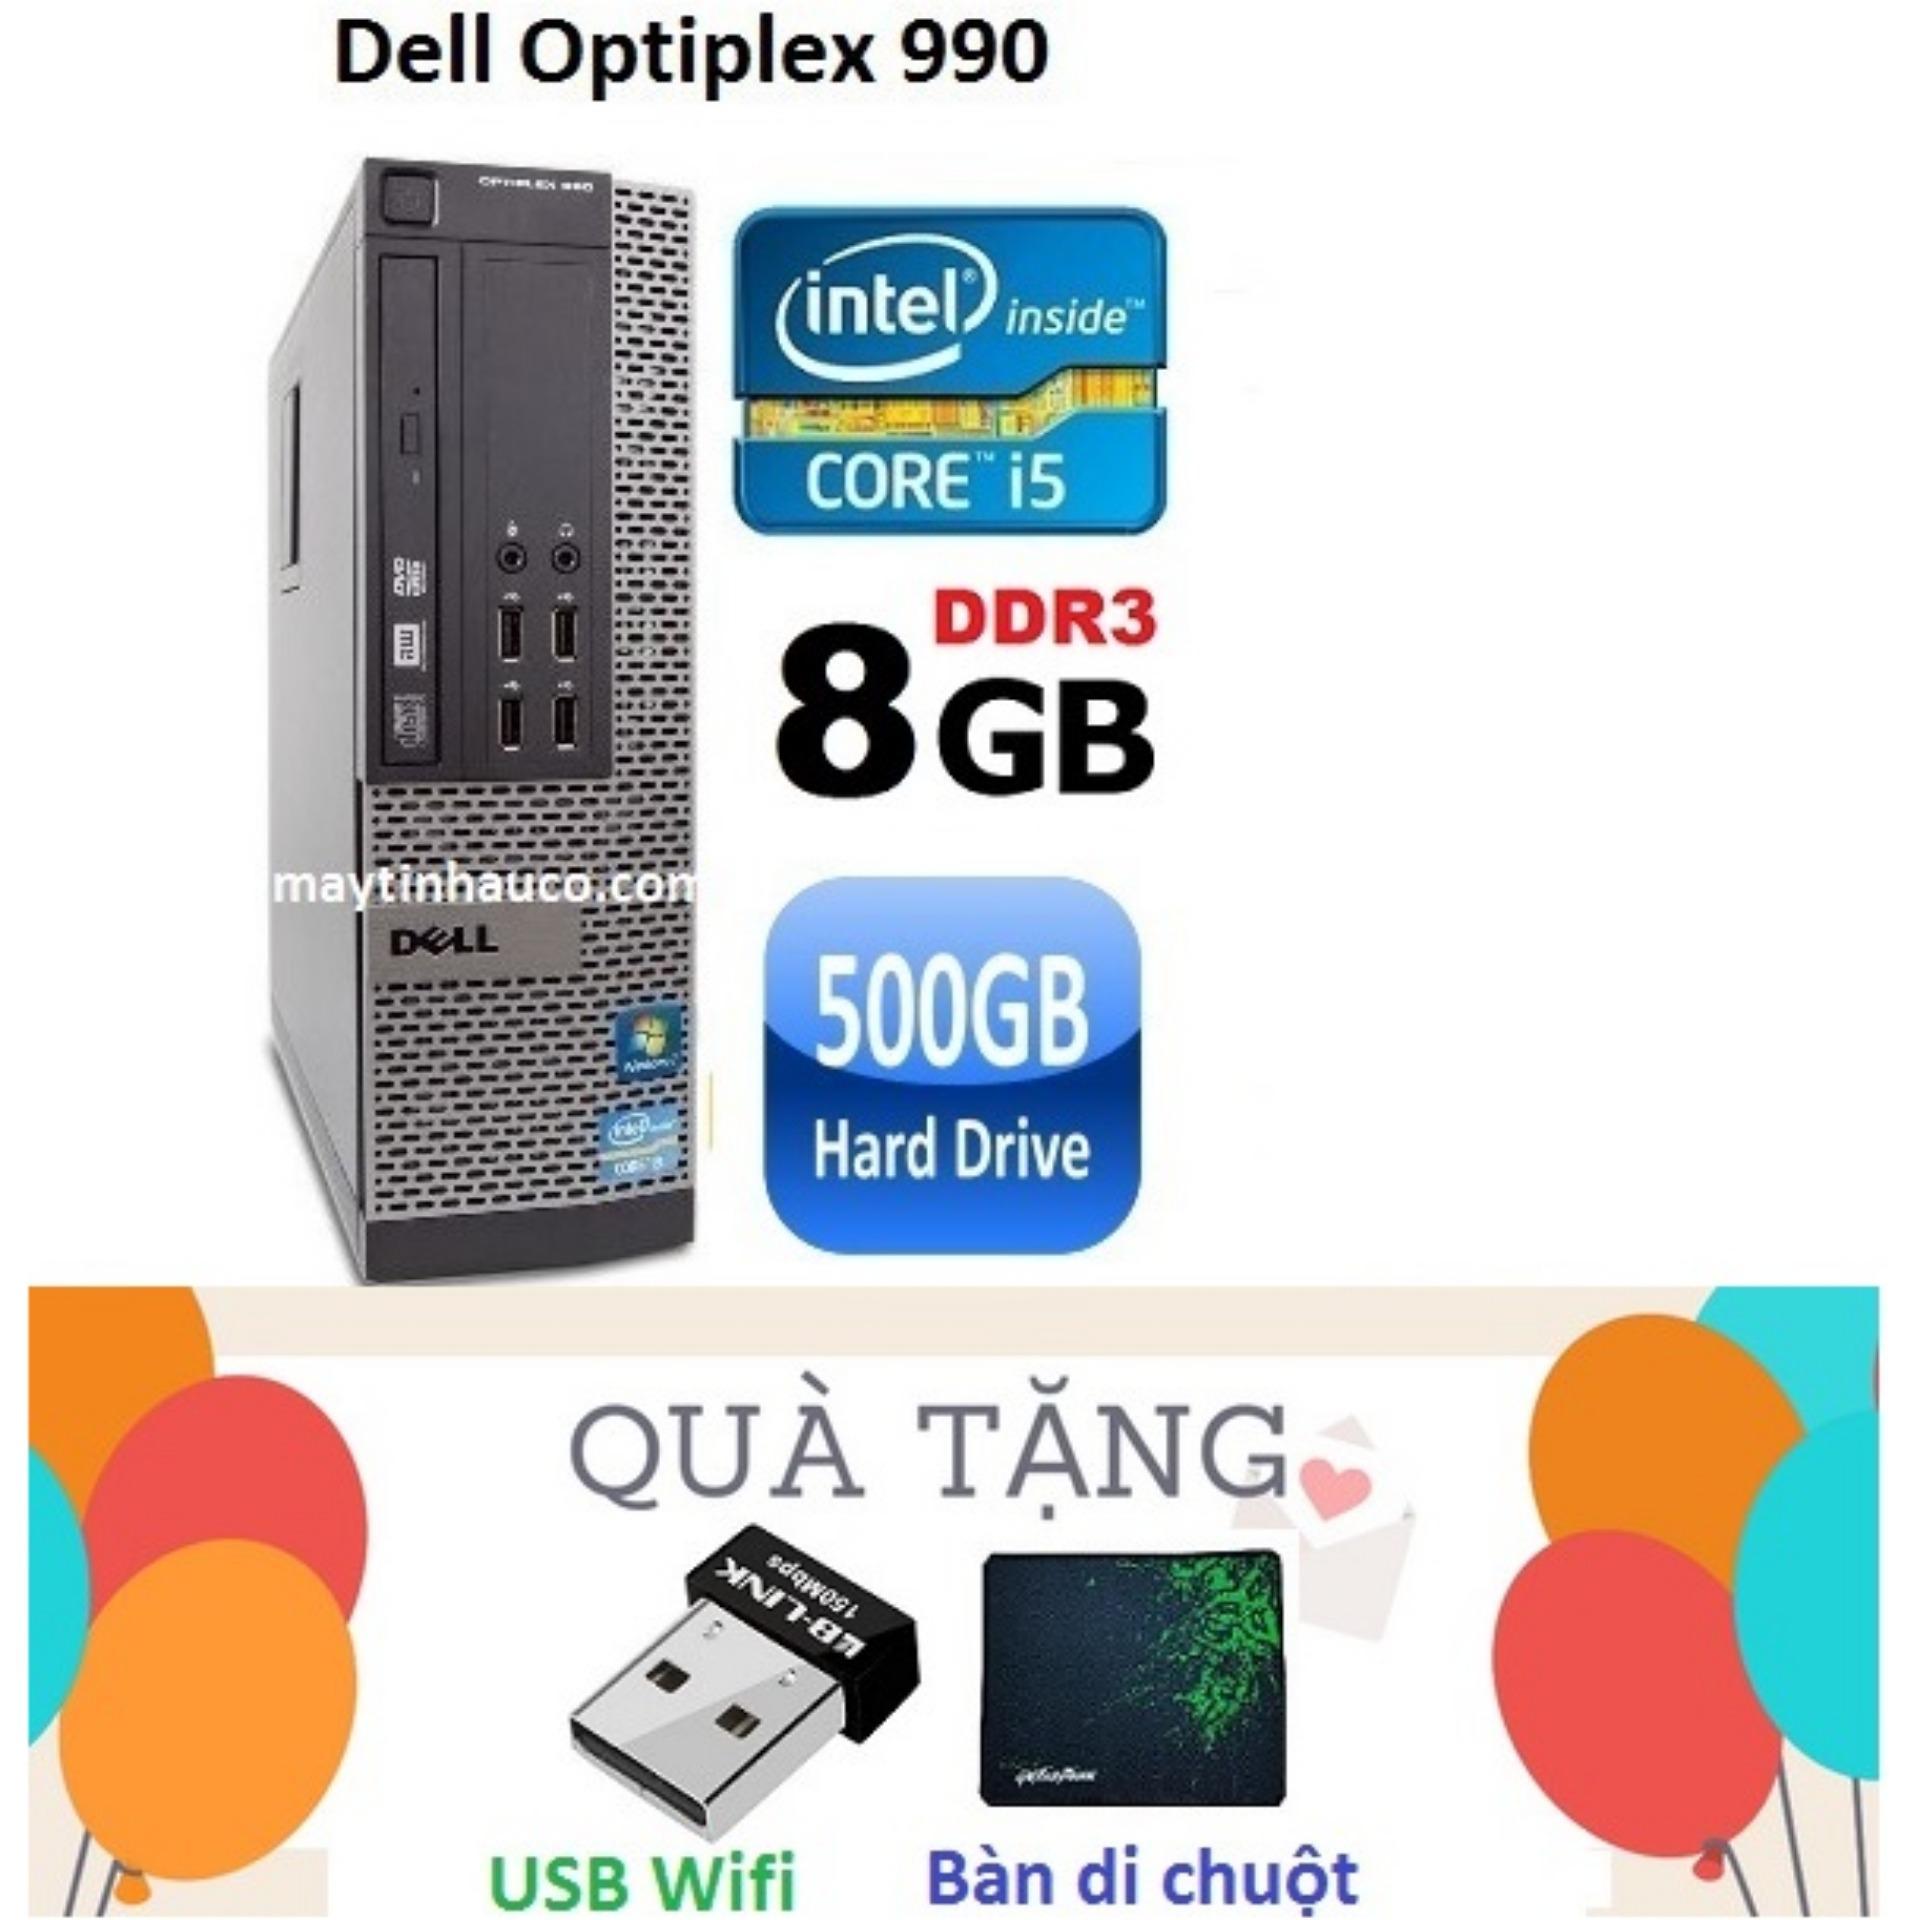 Hình ảnh Đồng Bộ Dell Optiplex 990 Core i5 2400 / 8G / 500G - Tặng USB Wifi , Bàn di chuột , Bảo hành 24 tháng